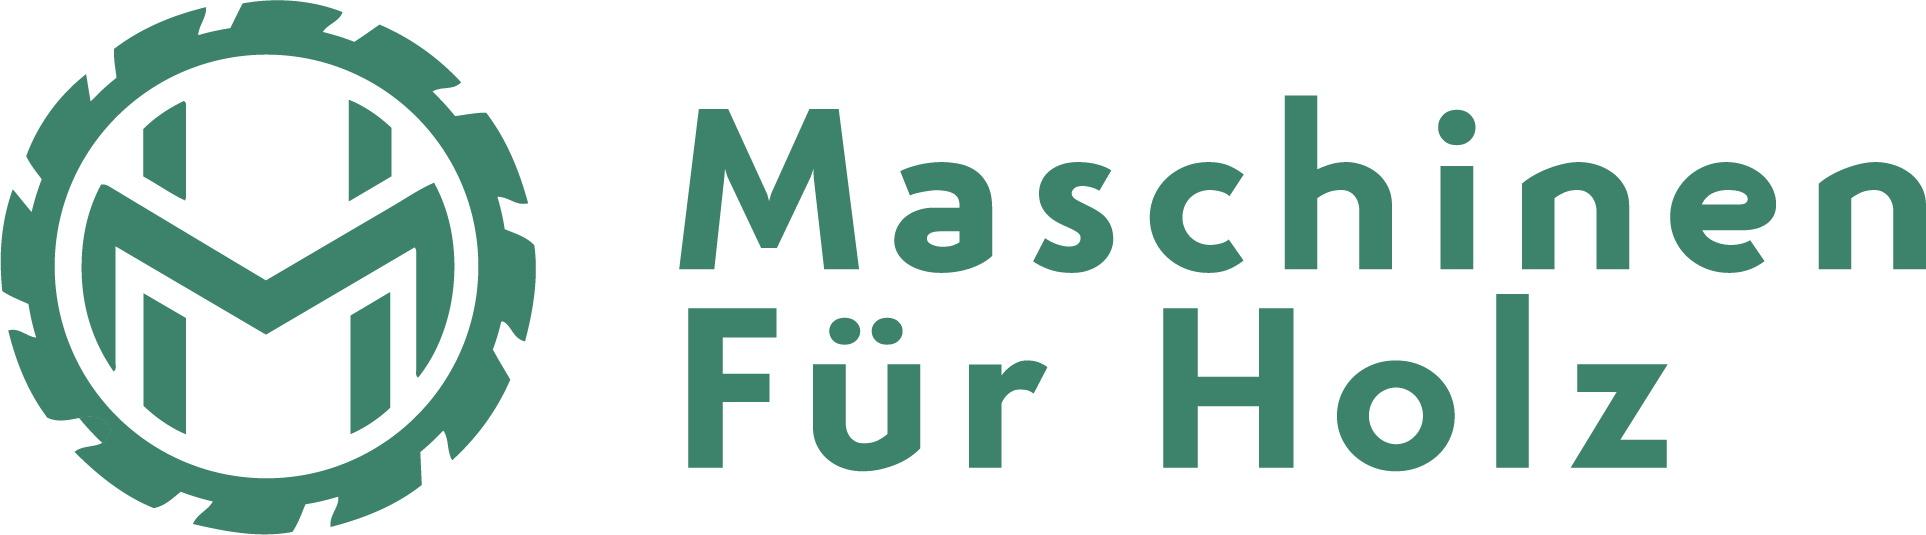 Maschinen Fur Holz logo (Green)